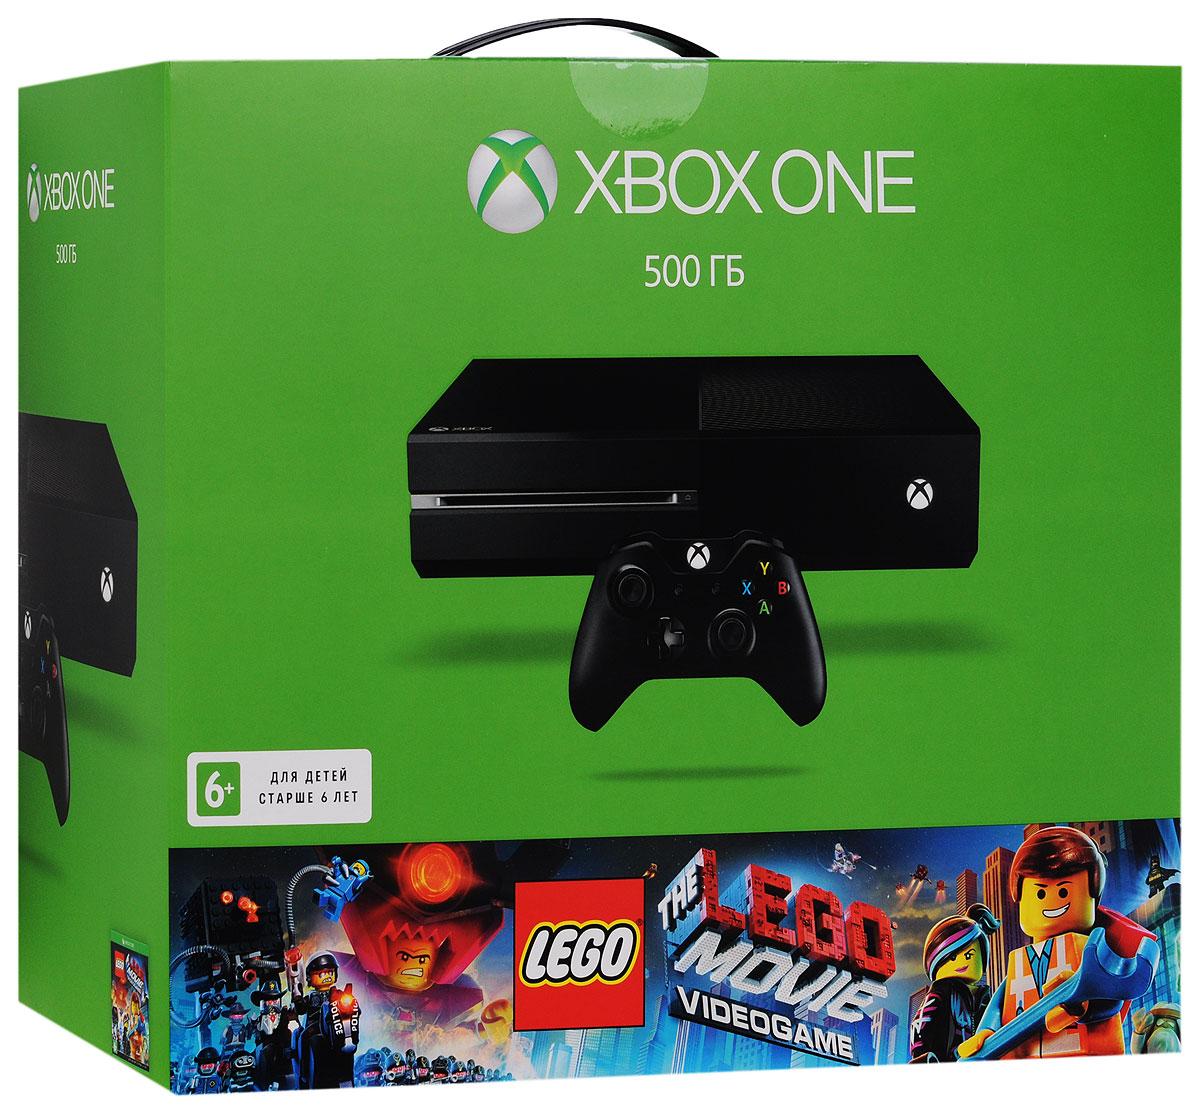 Игровая приставка Xbox One 500 ГБ + The LEGO Movie Videogame